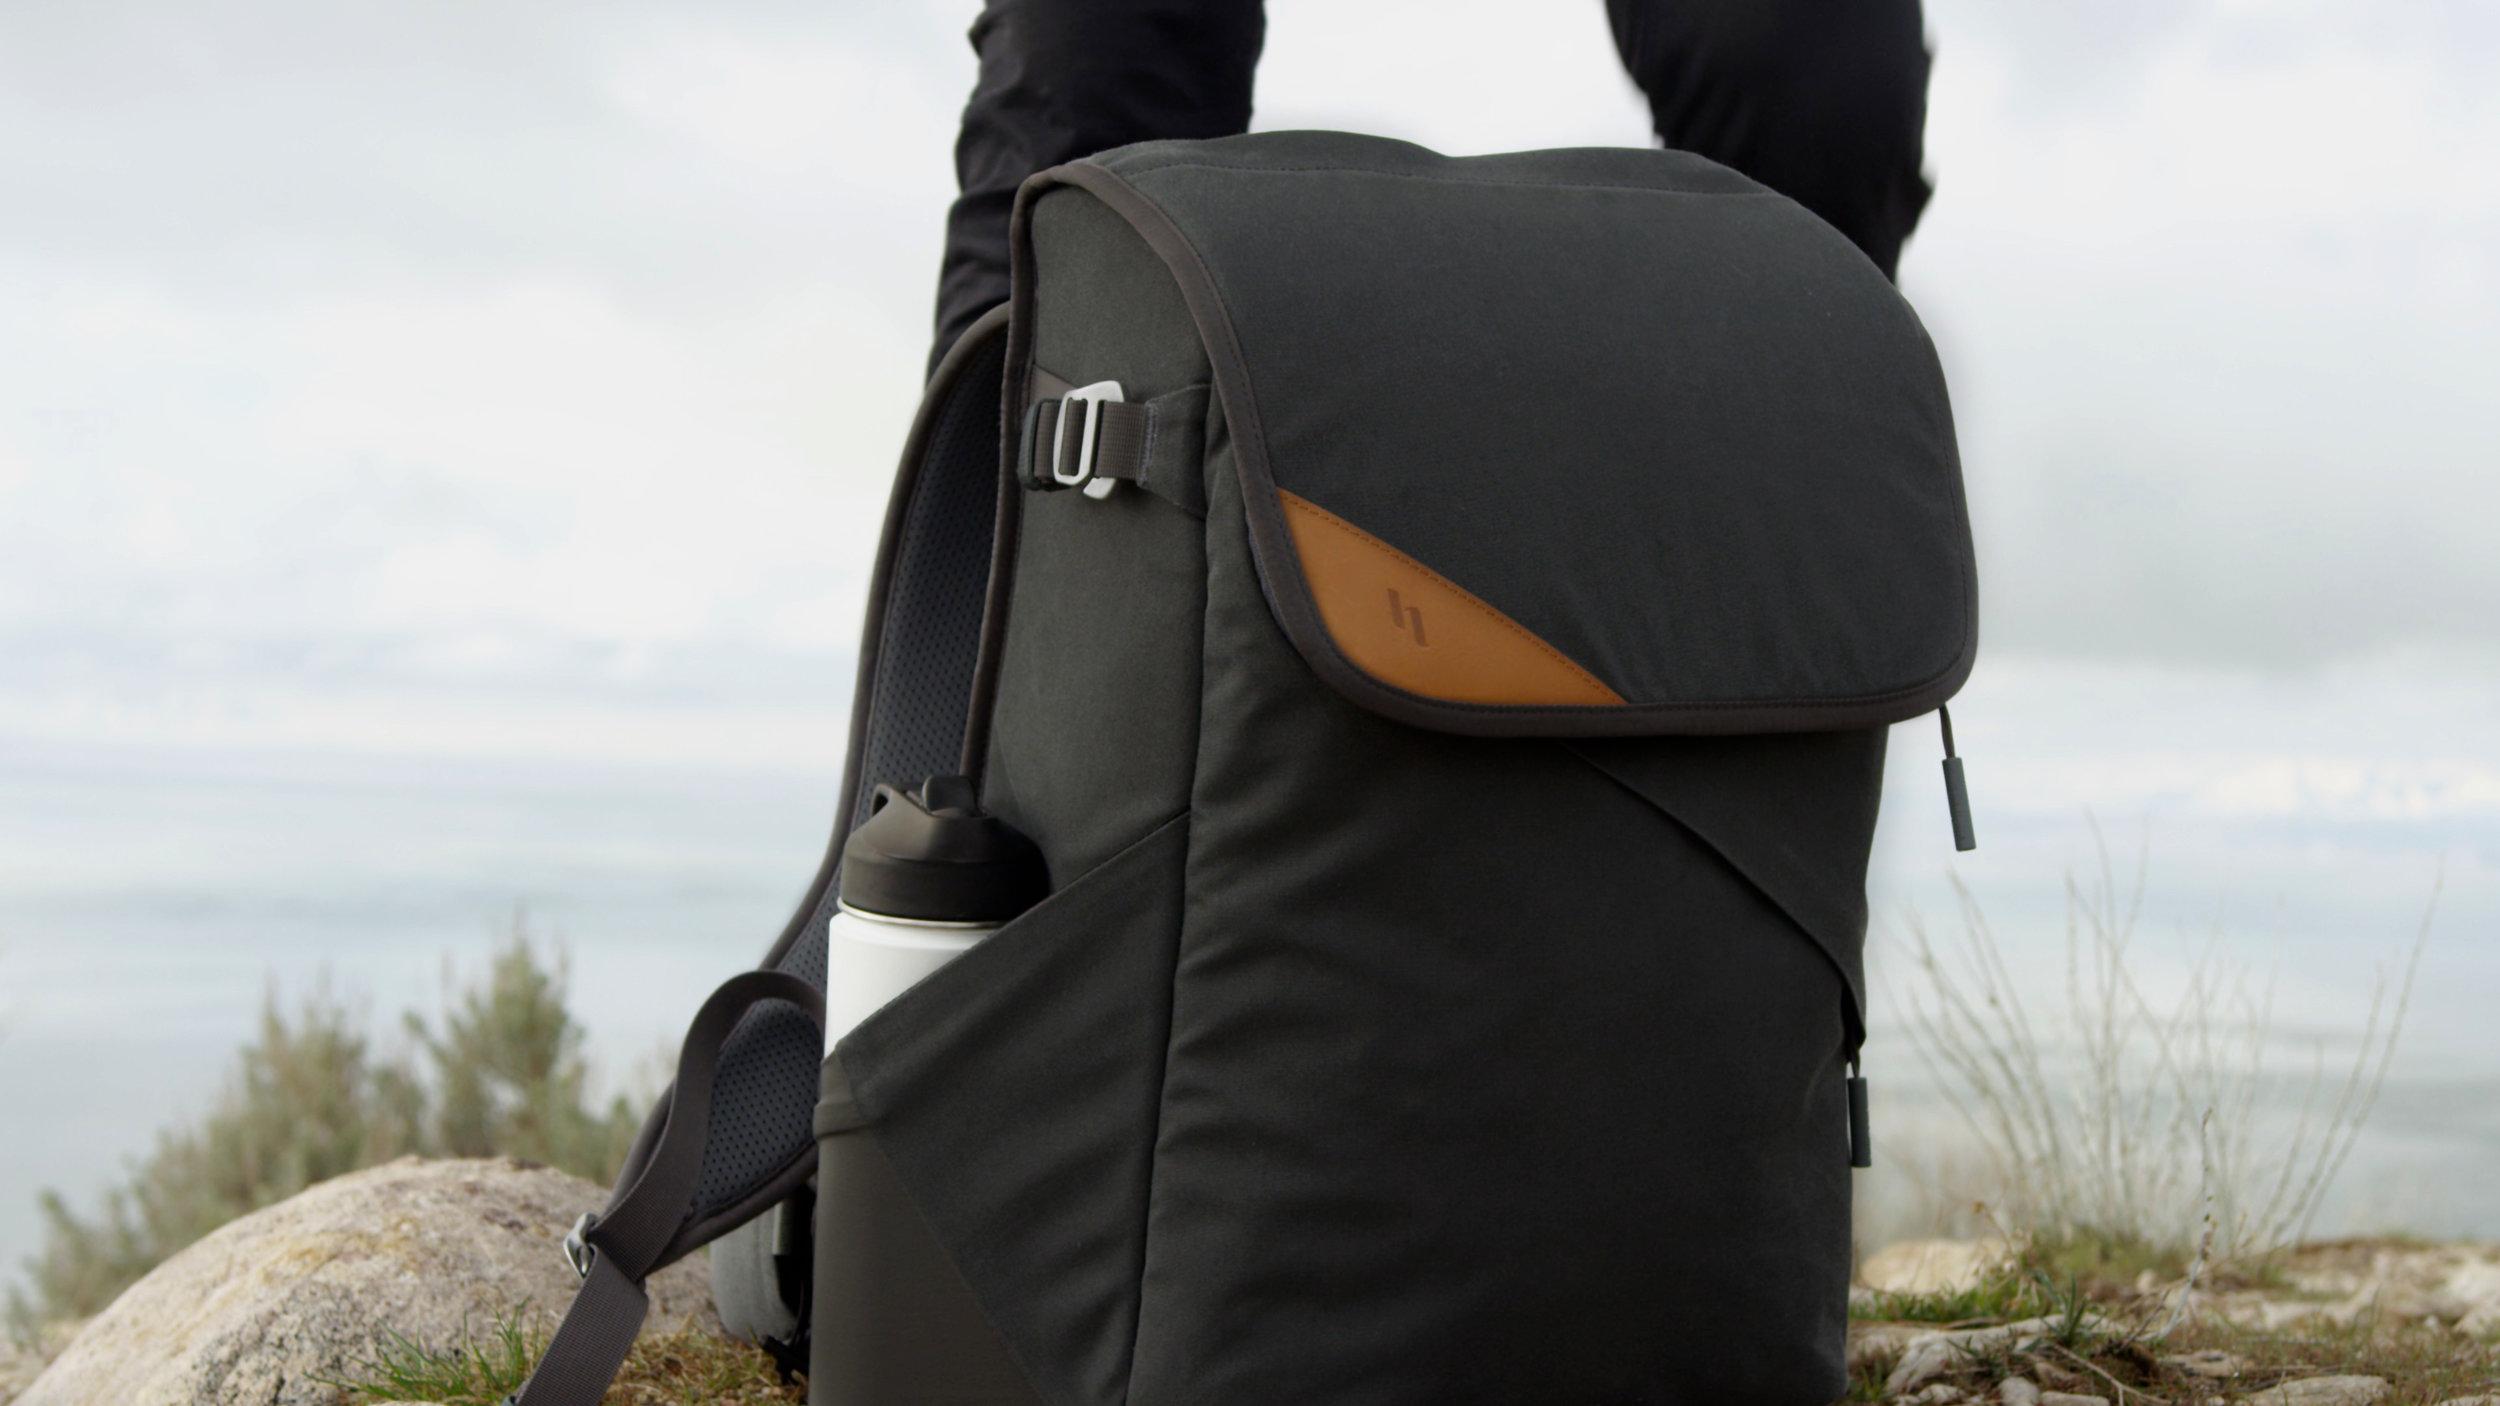 Holdland backpack closed